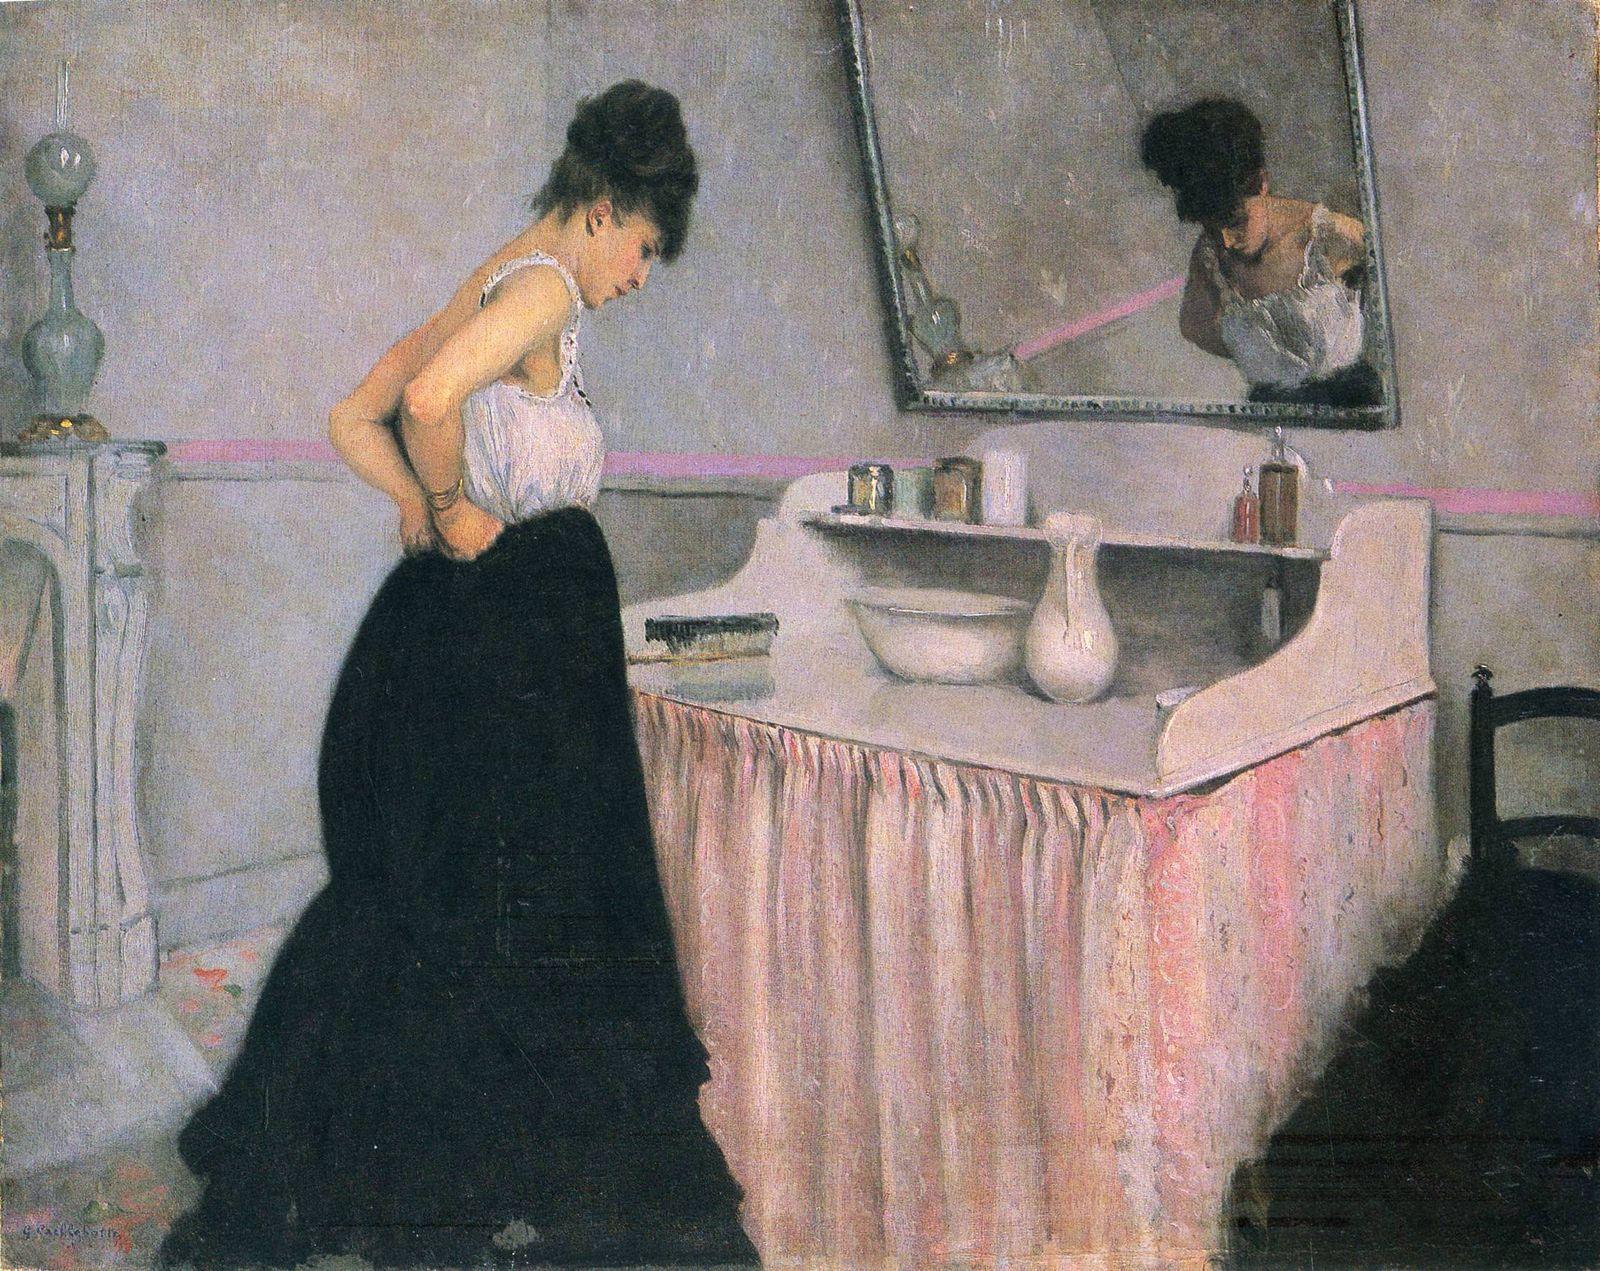 Гюстав Кайботт «Женщина перед туалетным столиком» (1873 65 x 81 см), частная коллекция